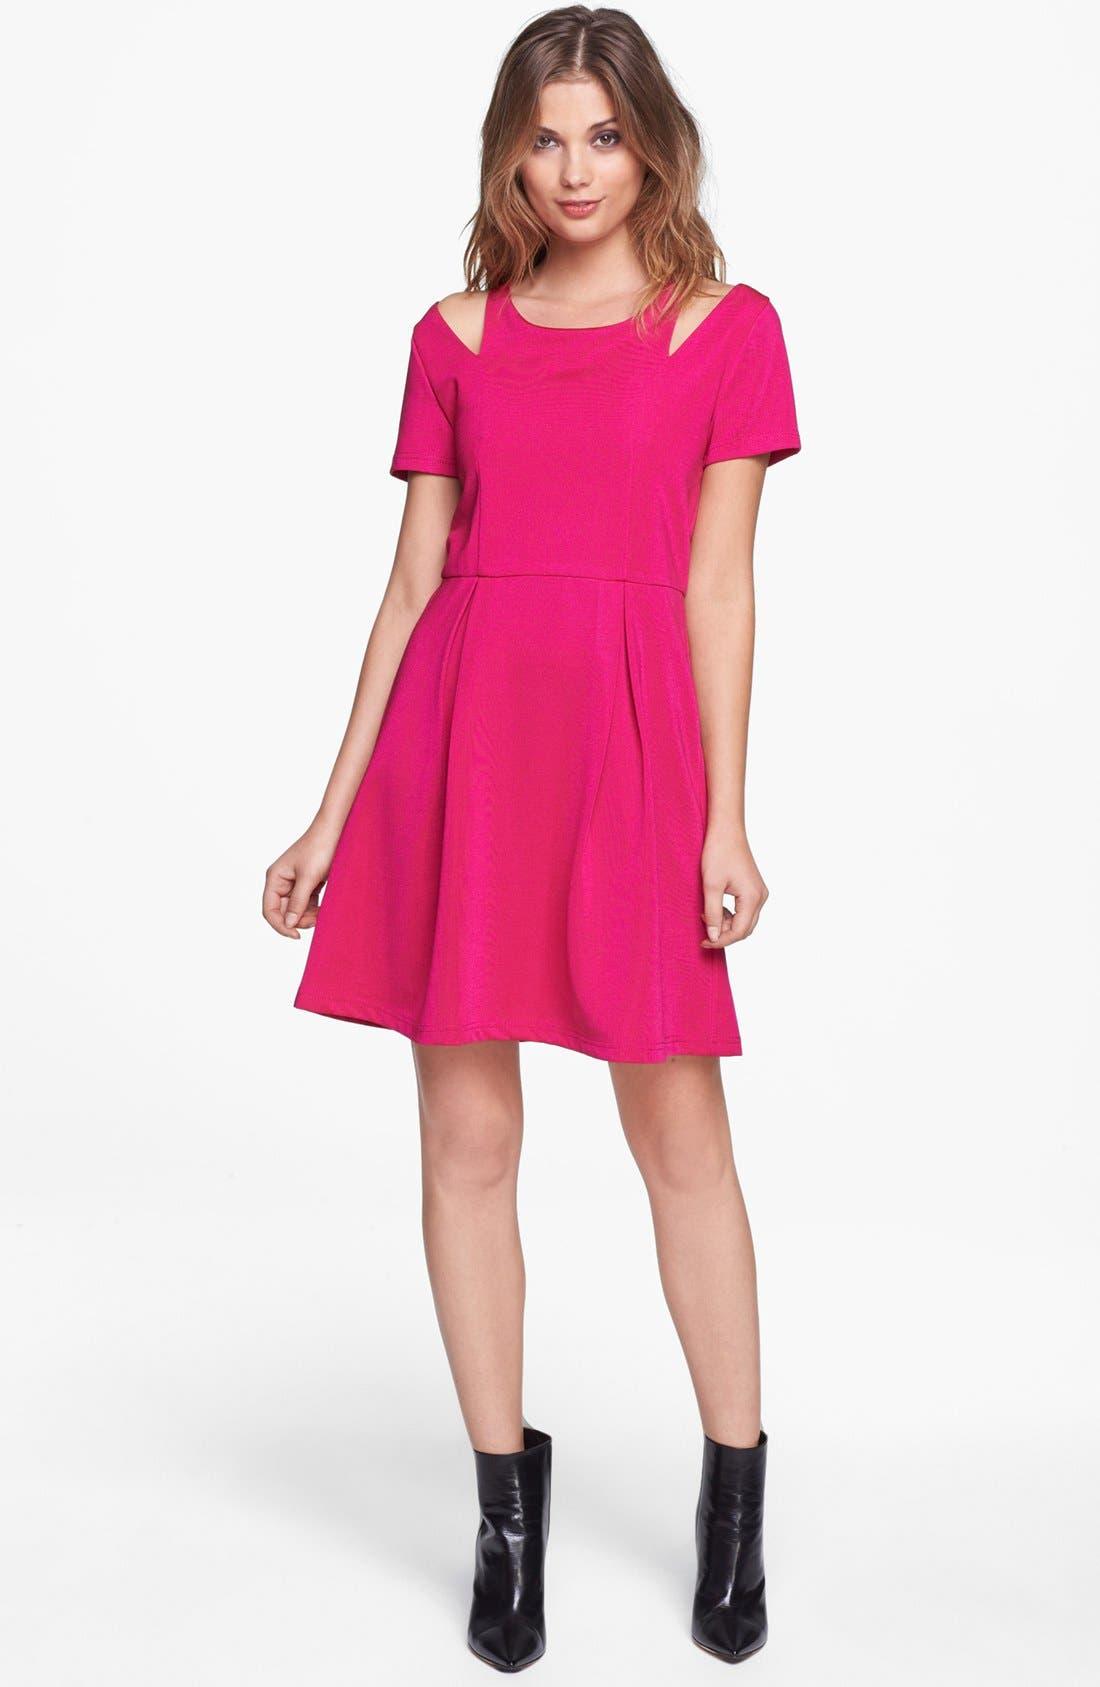 Alternate Image 1 Selected - MINKPINK Shoulder Cutout Fit & Flare Dress